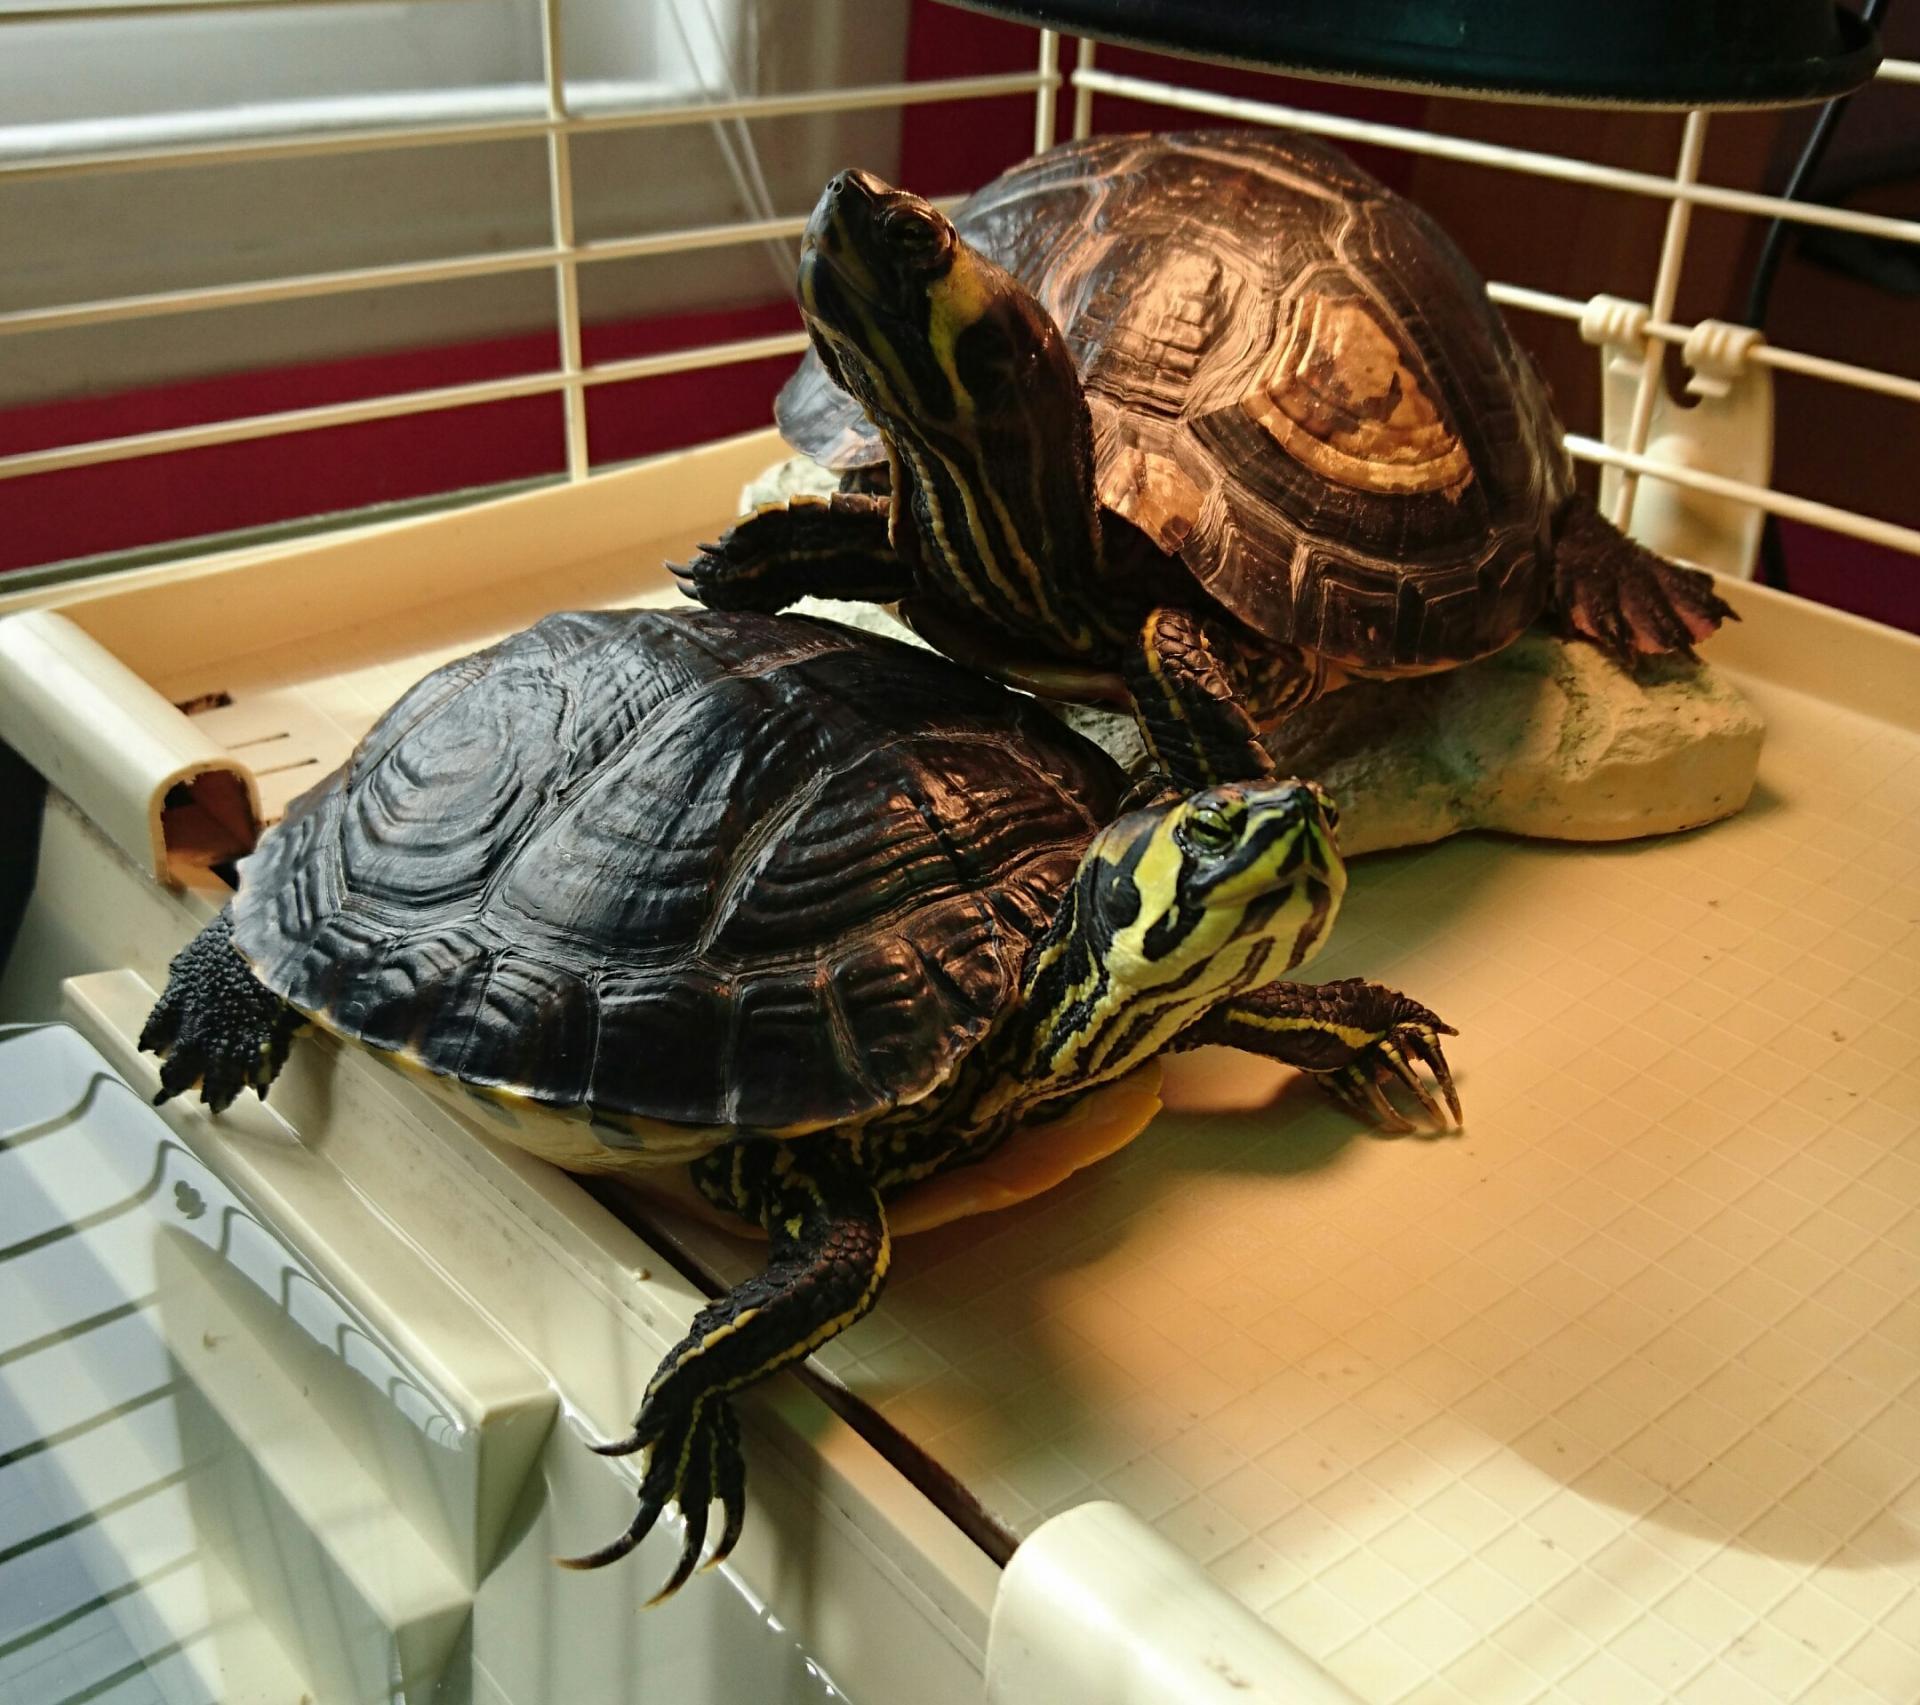 La tortue de devant est...